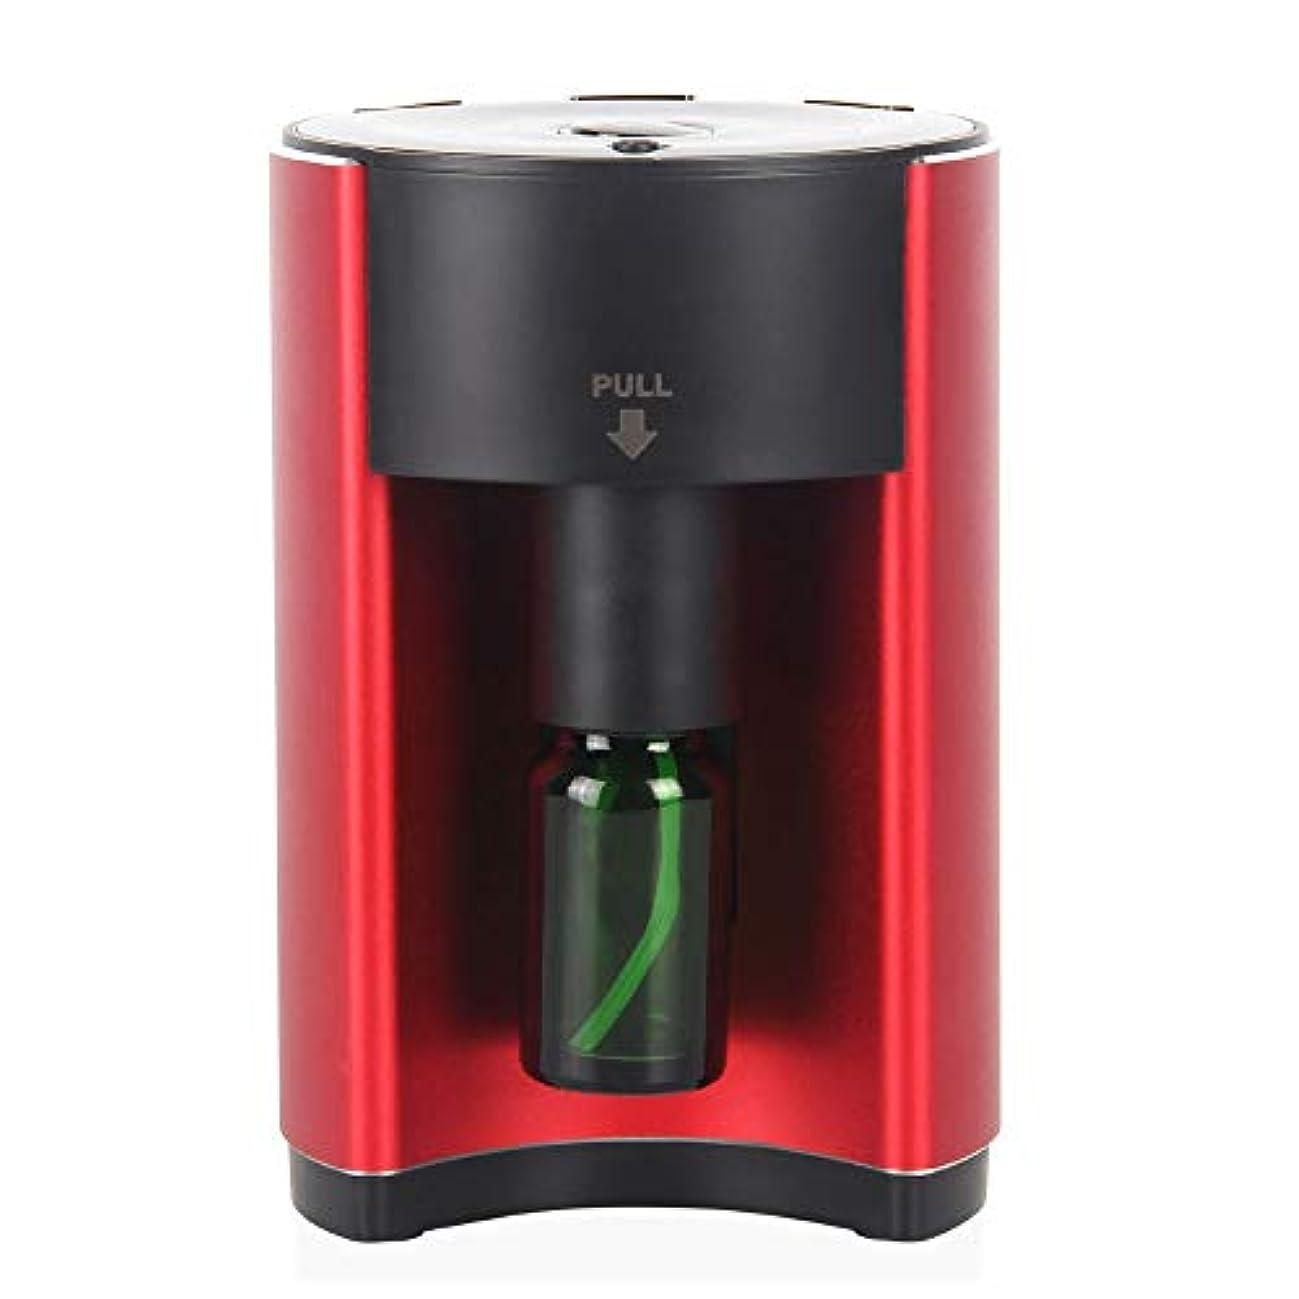 脱獄膨張する食欲広範囲適用 アロマディフューザー ネブライザー式 レッド アロマオイル アロマグラス 人気 タイマー機能 コンパクトタイプ エッセンシャルオイル 加湿 うるおい i001